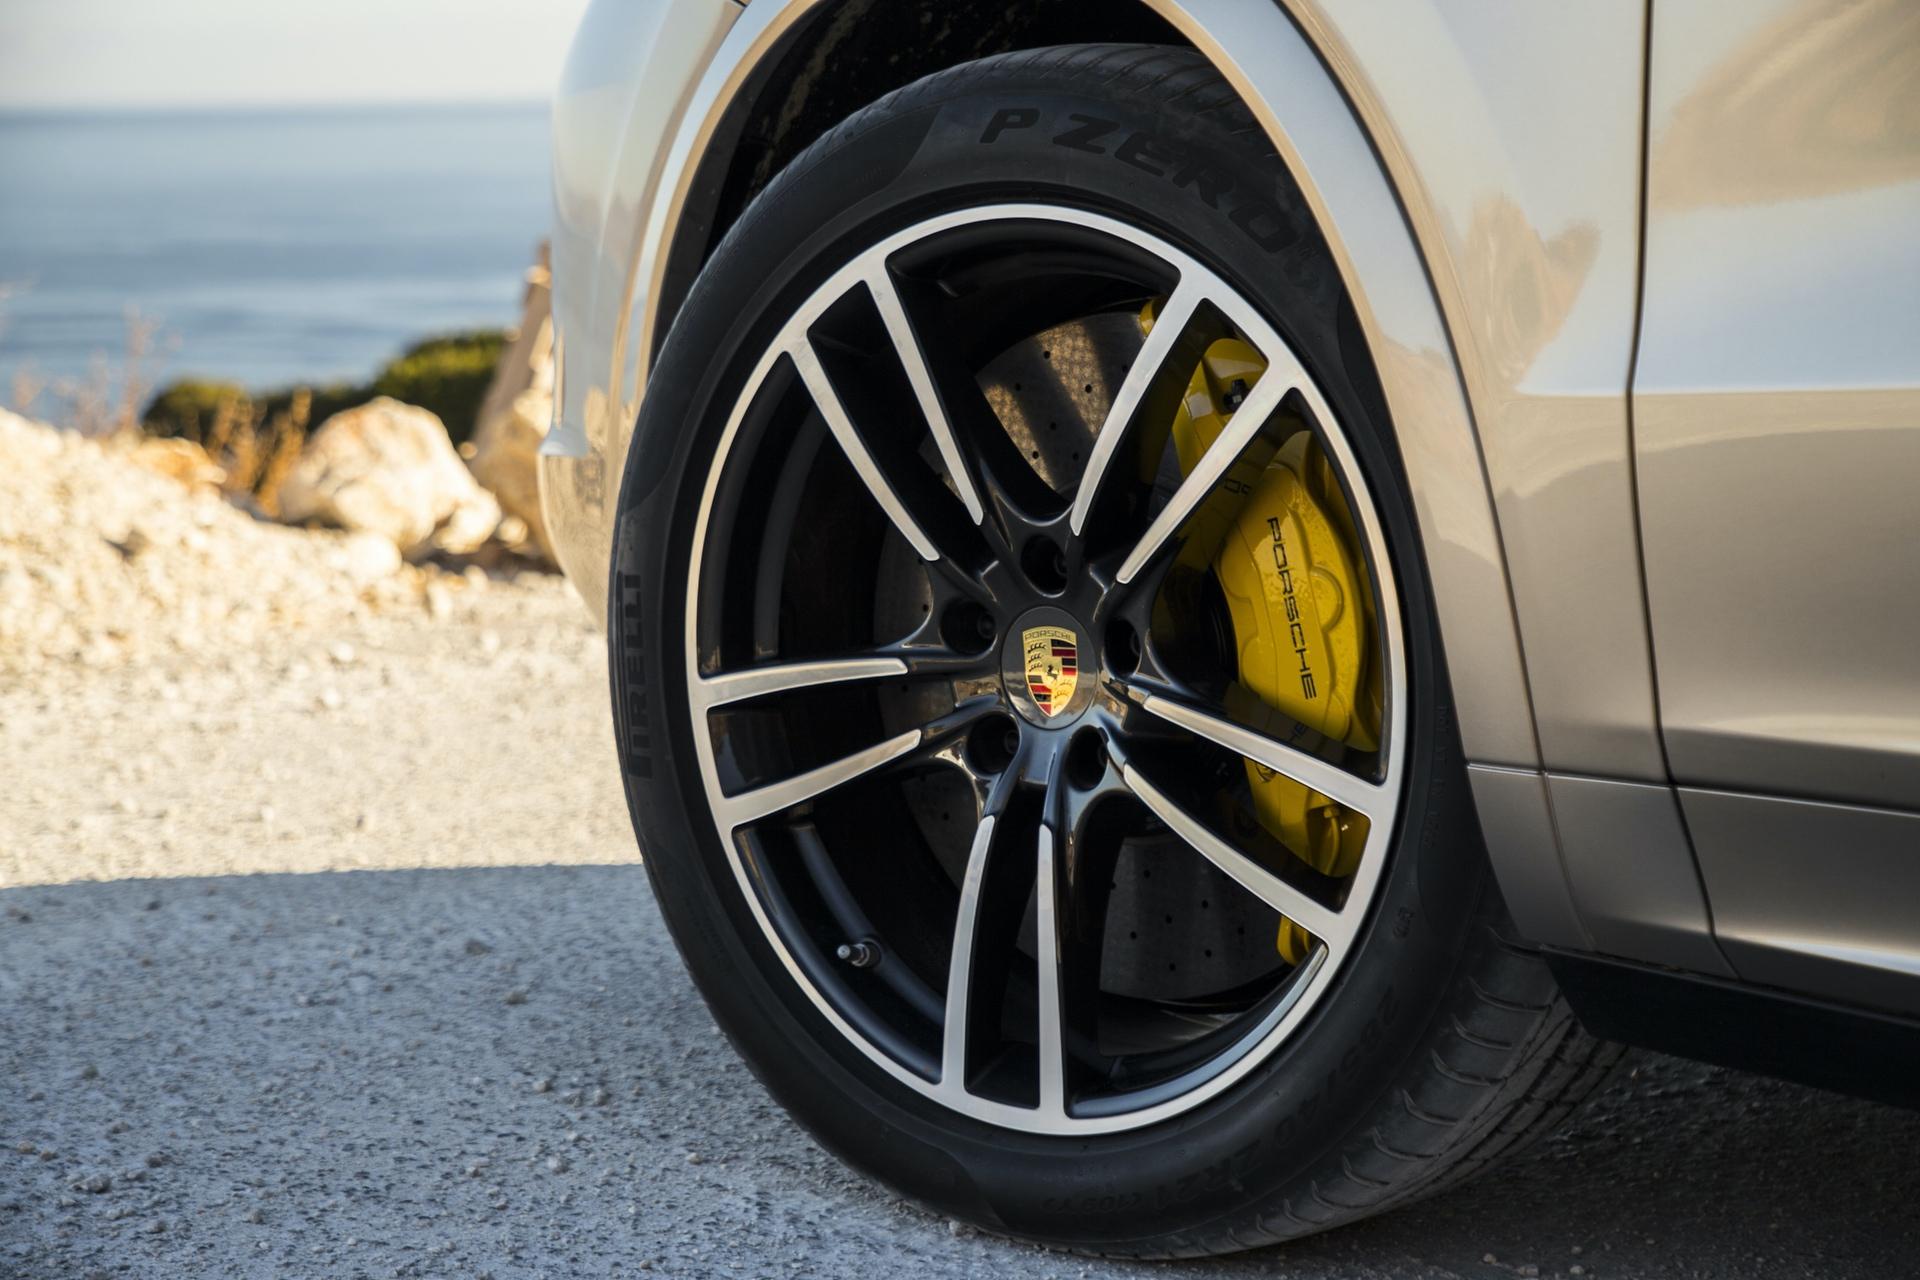 Test_Drive_Porsche_Cayenne_115